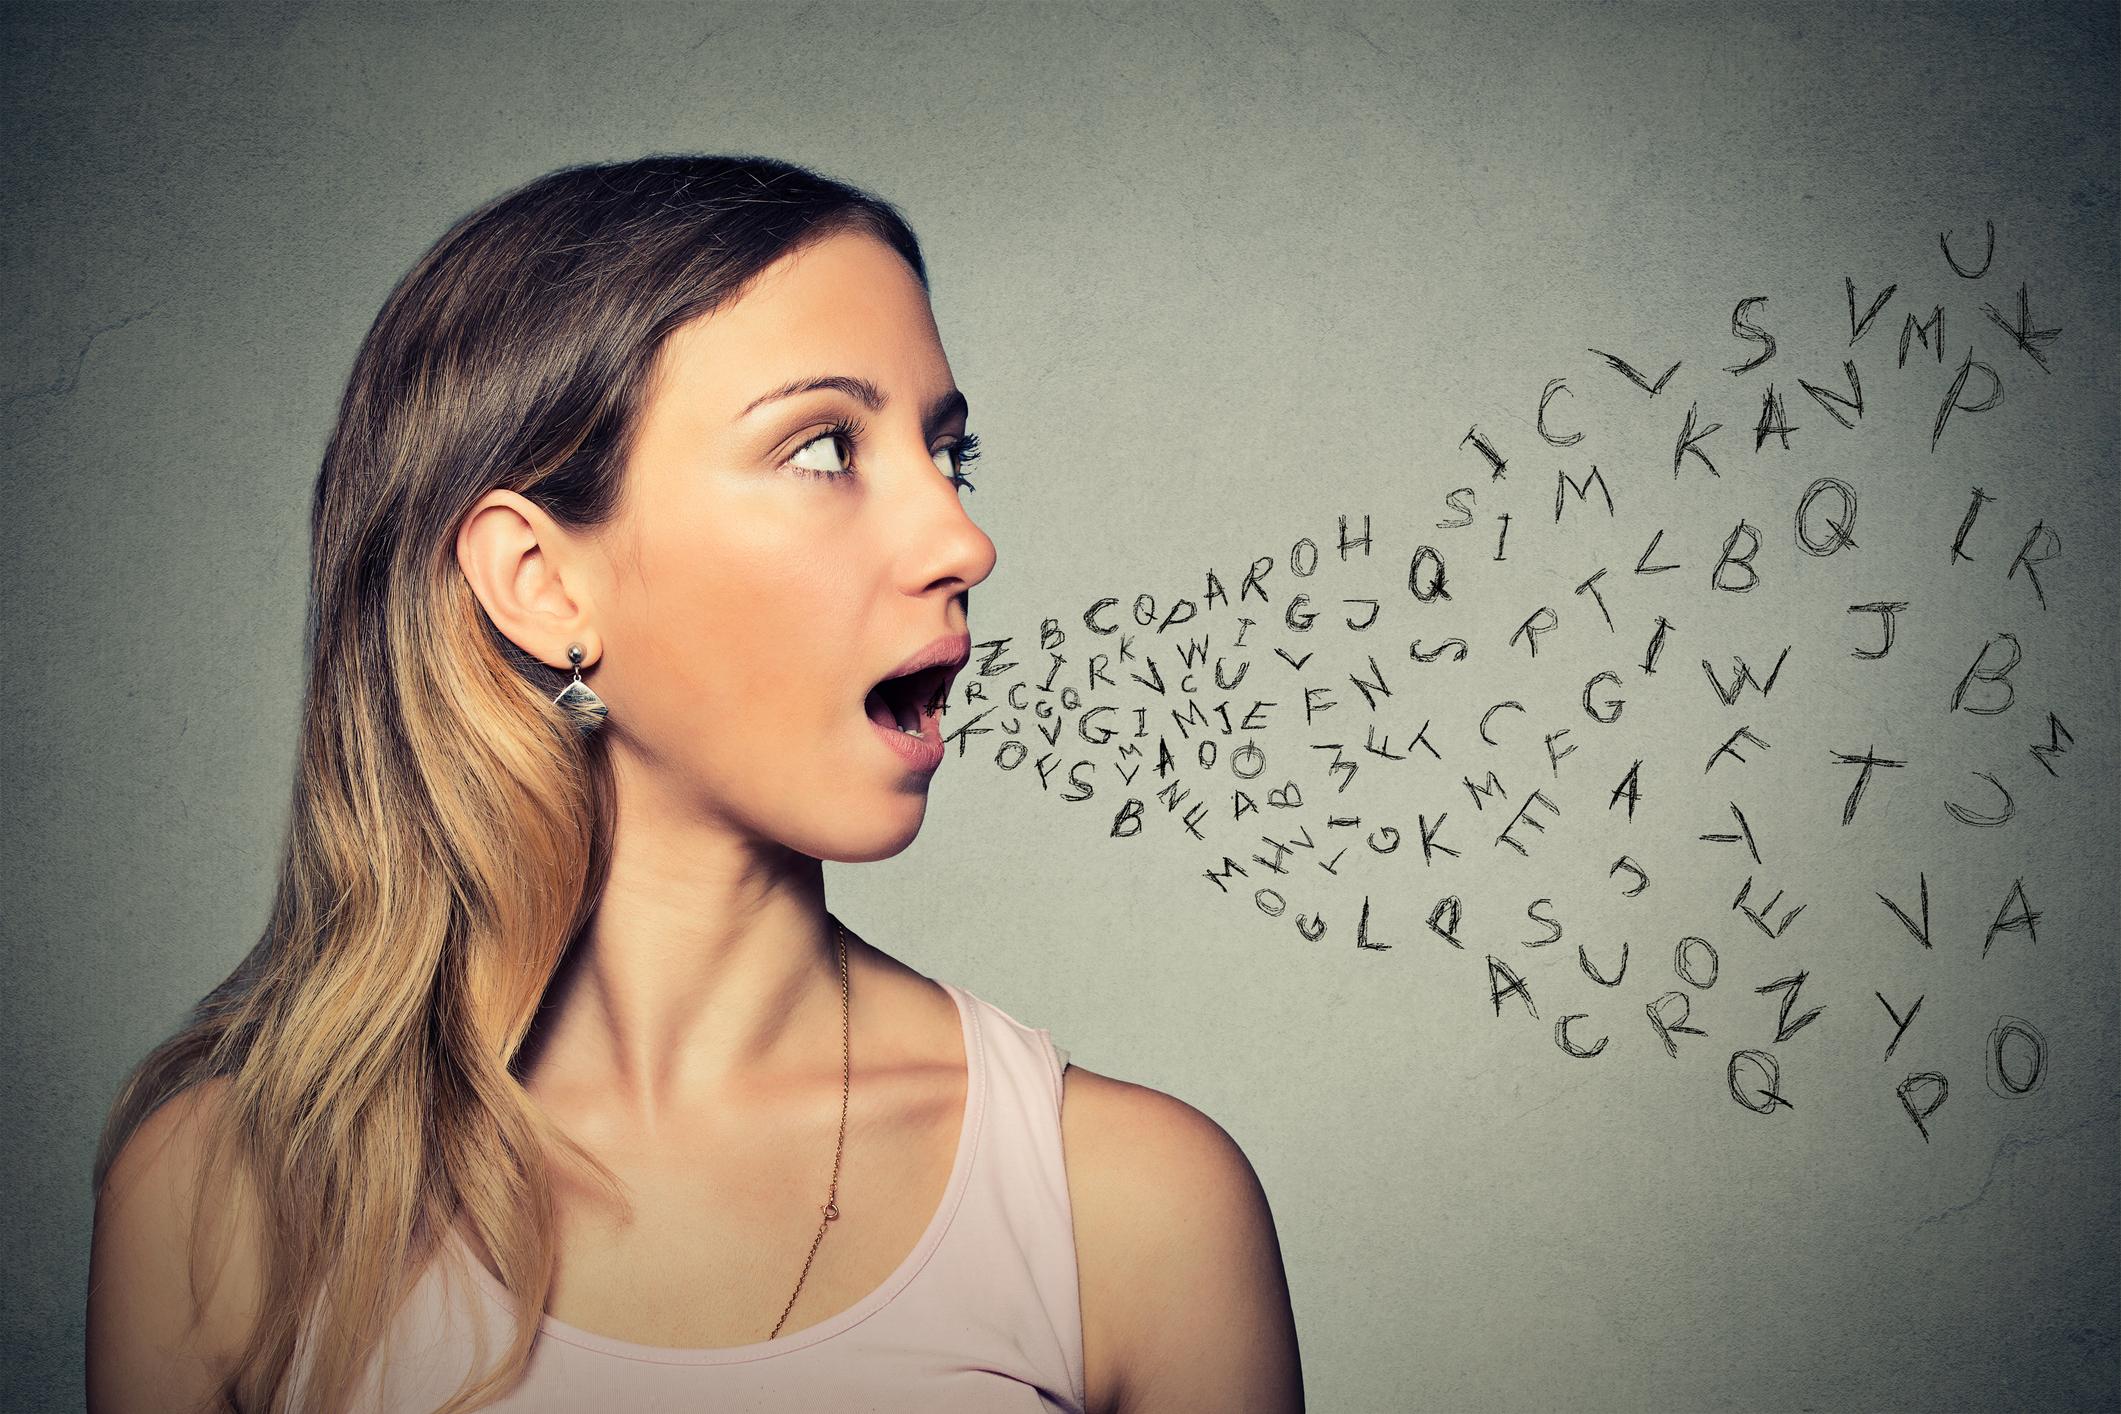 Hersensystemen die taal leren zijn ouder dan de mensheid